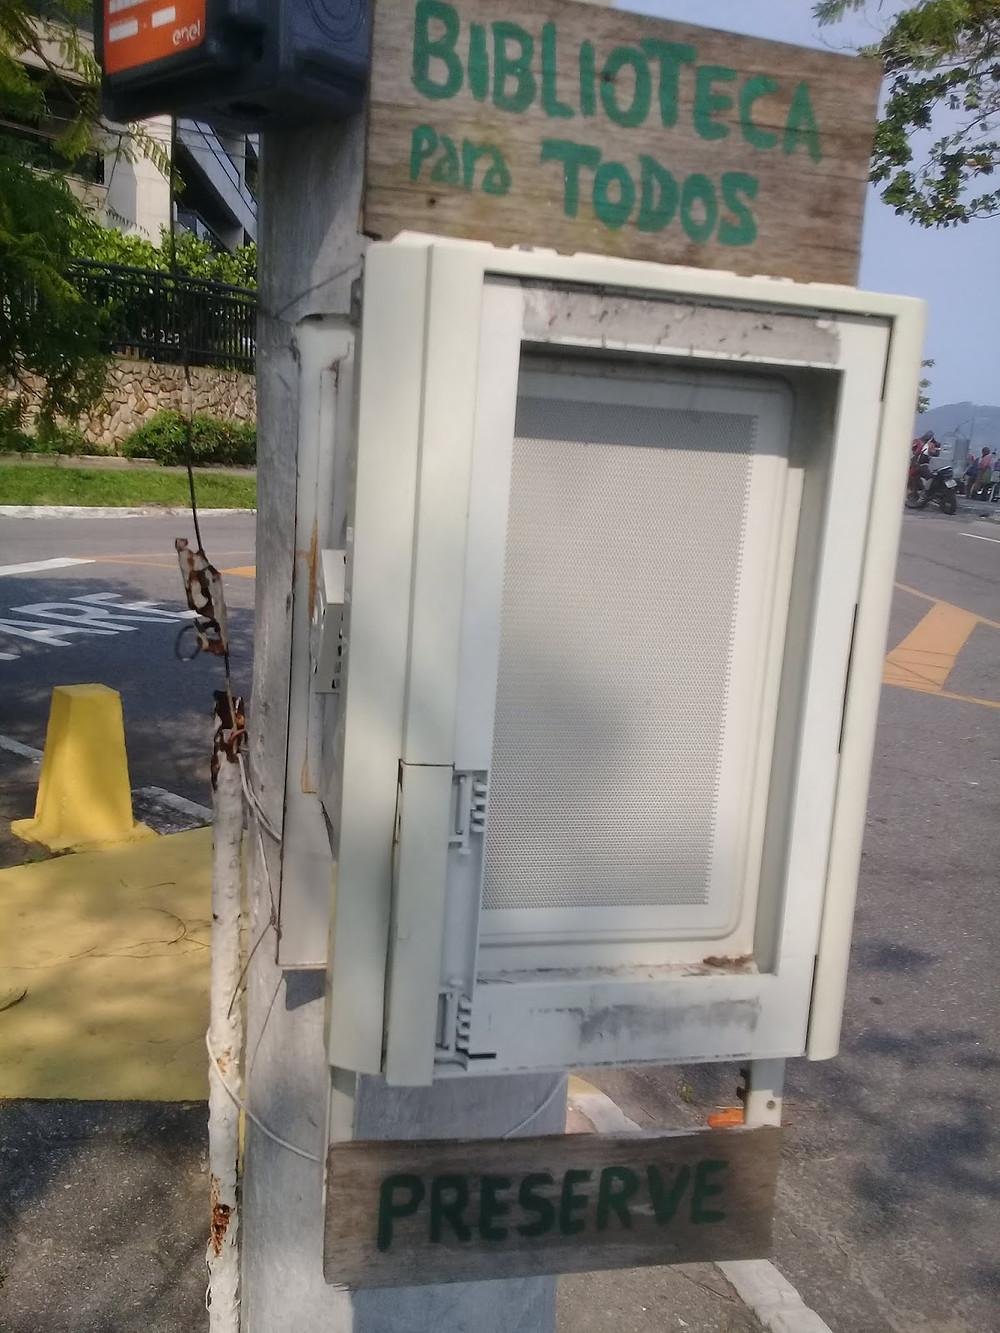 Biblioteca Para Todos, no bairro da Boa Viagem, em Niterói.